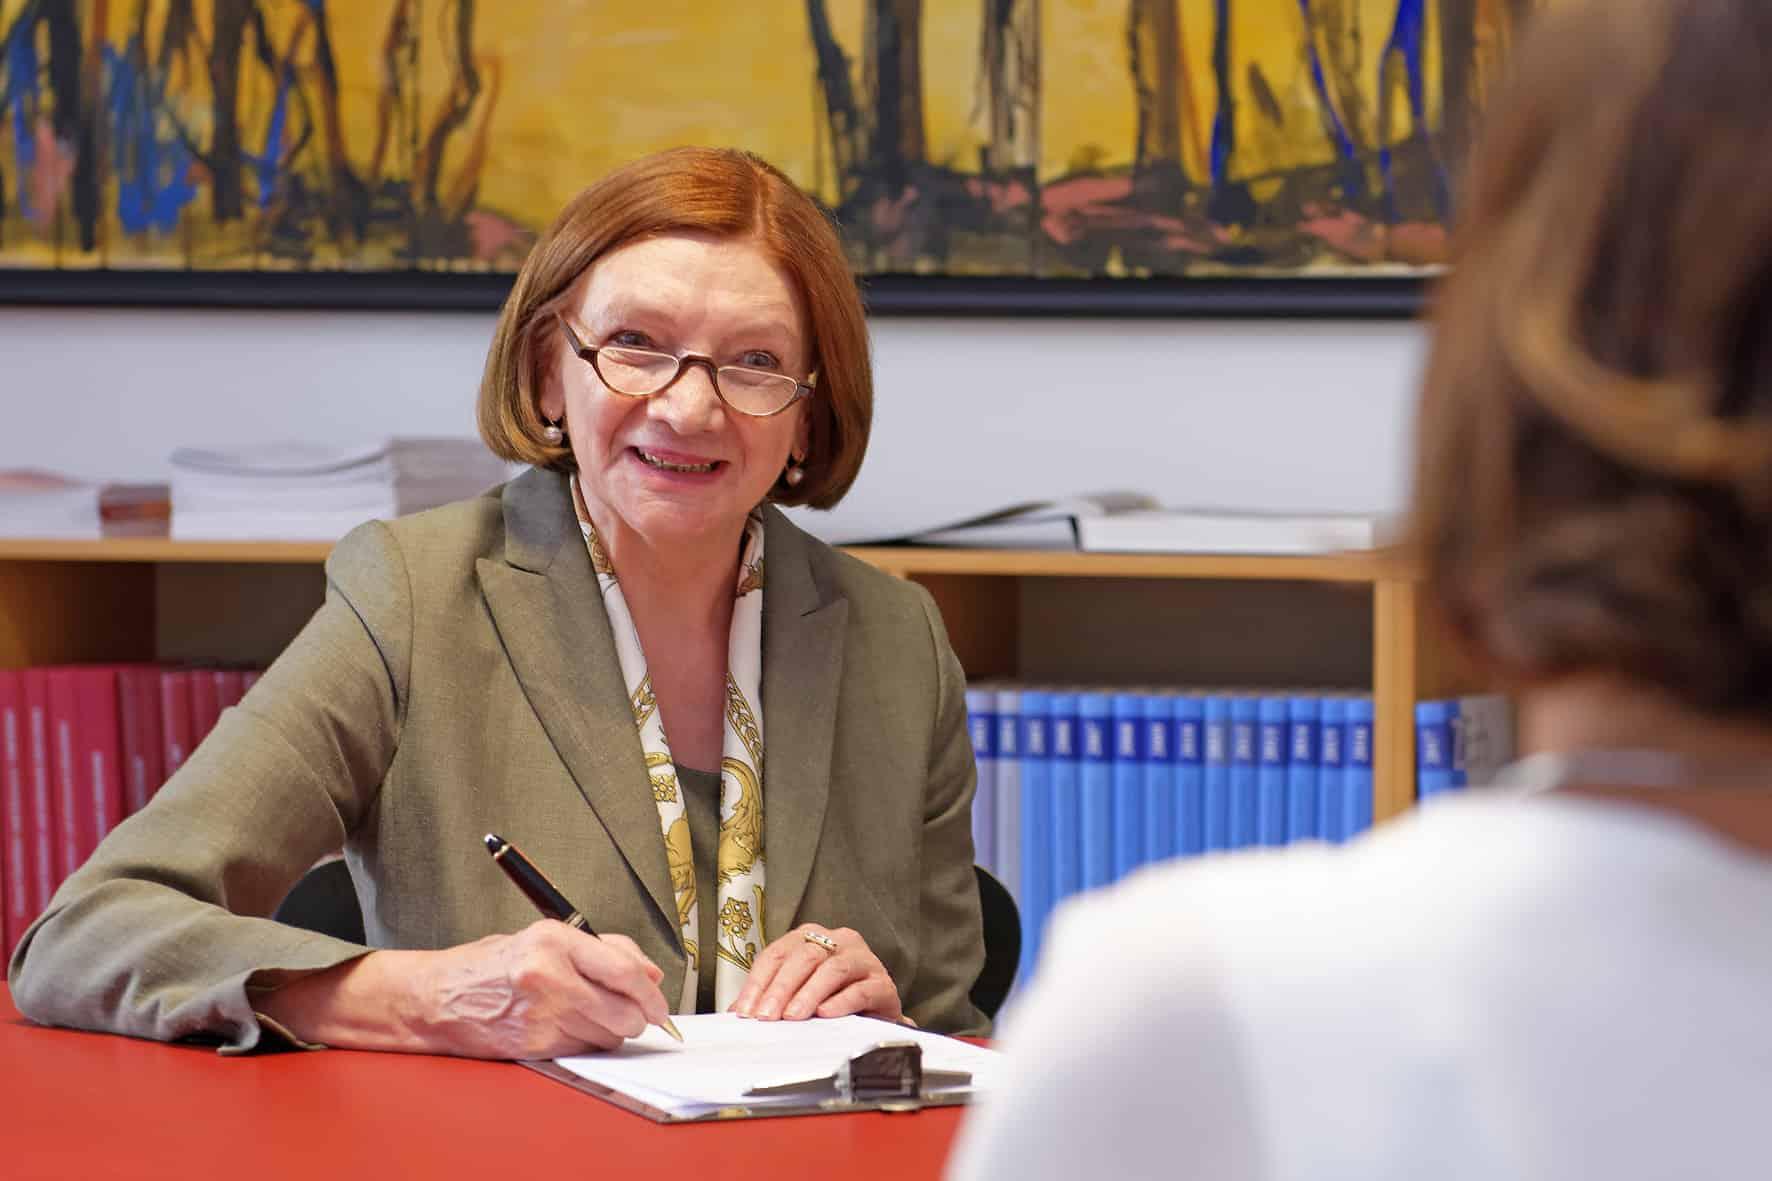 Rechtsanwältin Jutta Wagner ist Fachanwältin für Familienrecht und Notarin a.D.